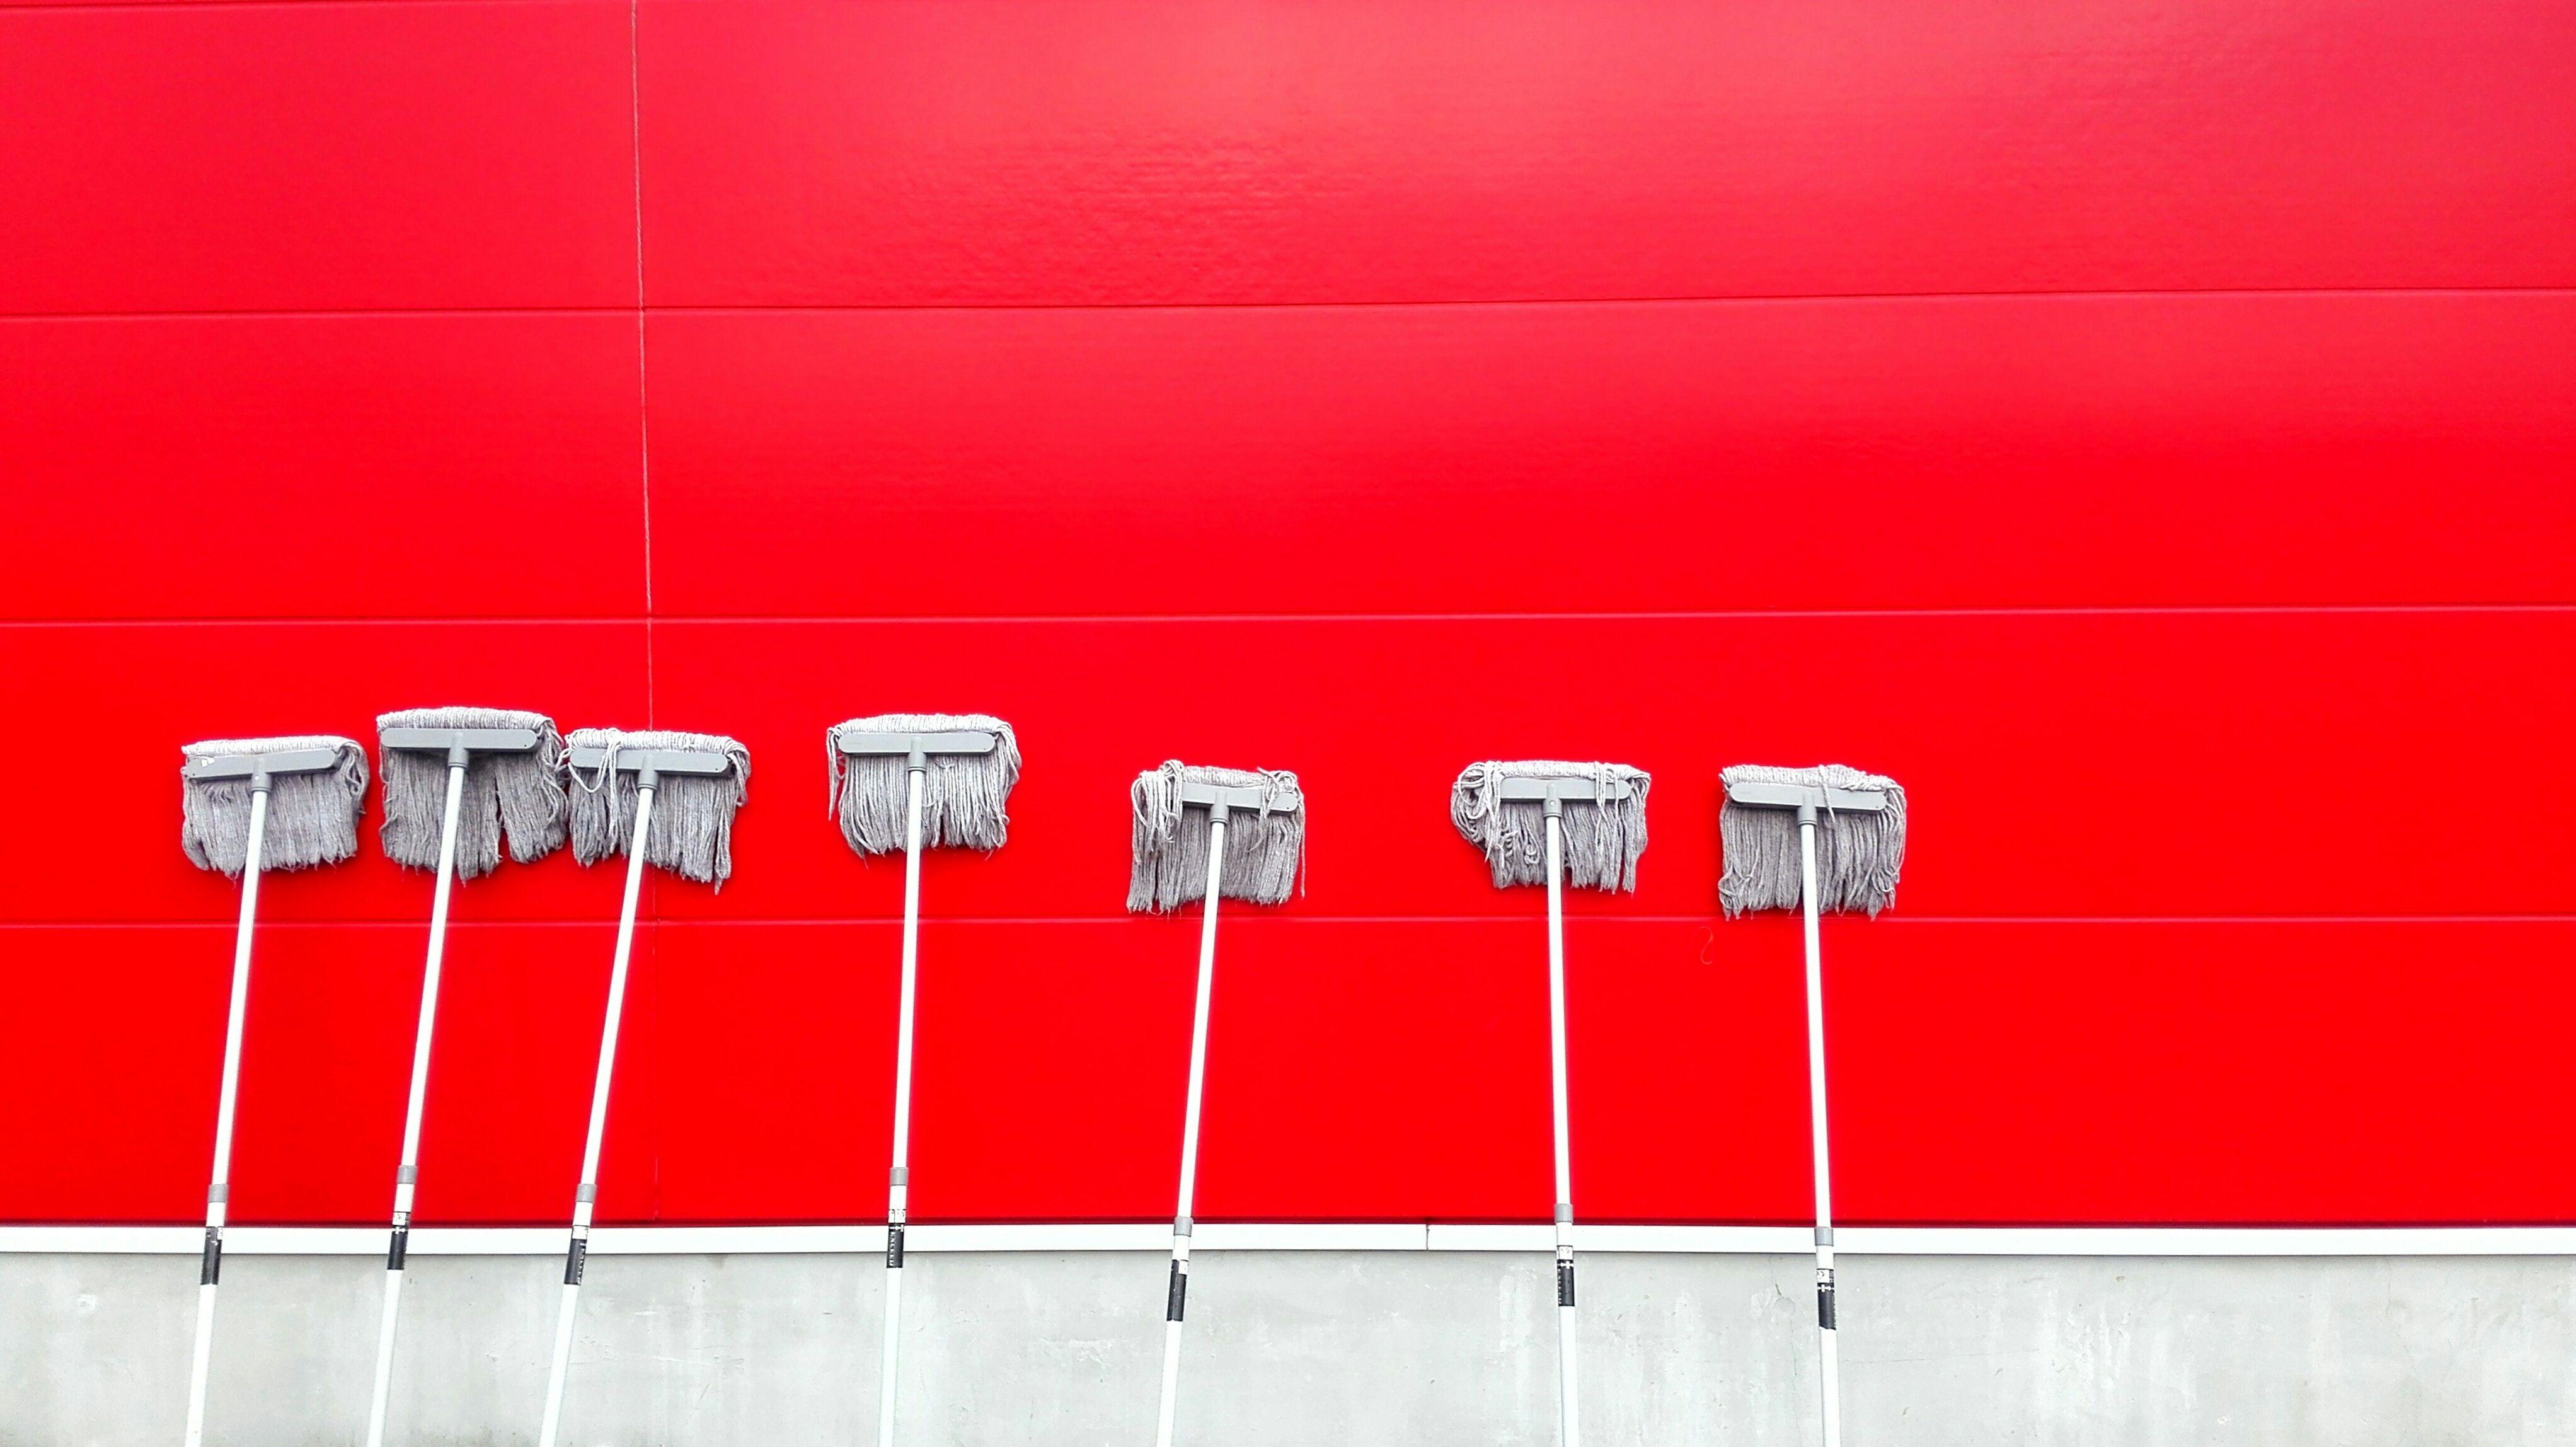 Trucos de limpieza expertos para el hogar